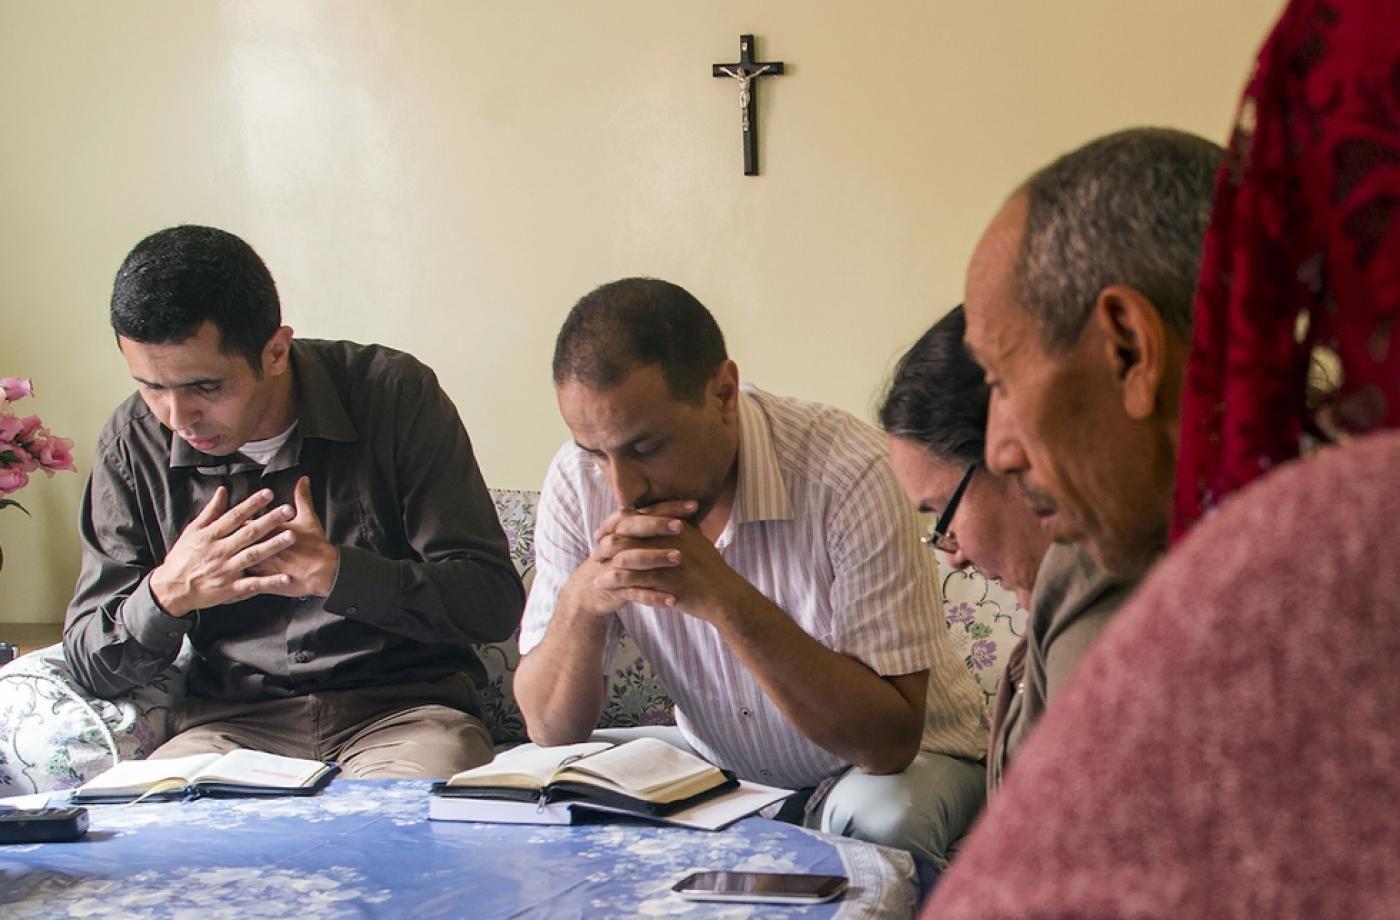 Mindennapos letartóztatással és zaklatással szembesülnek a marokkói keresztények